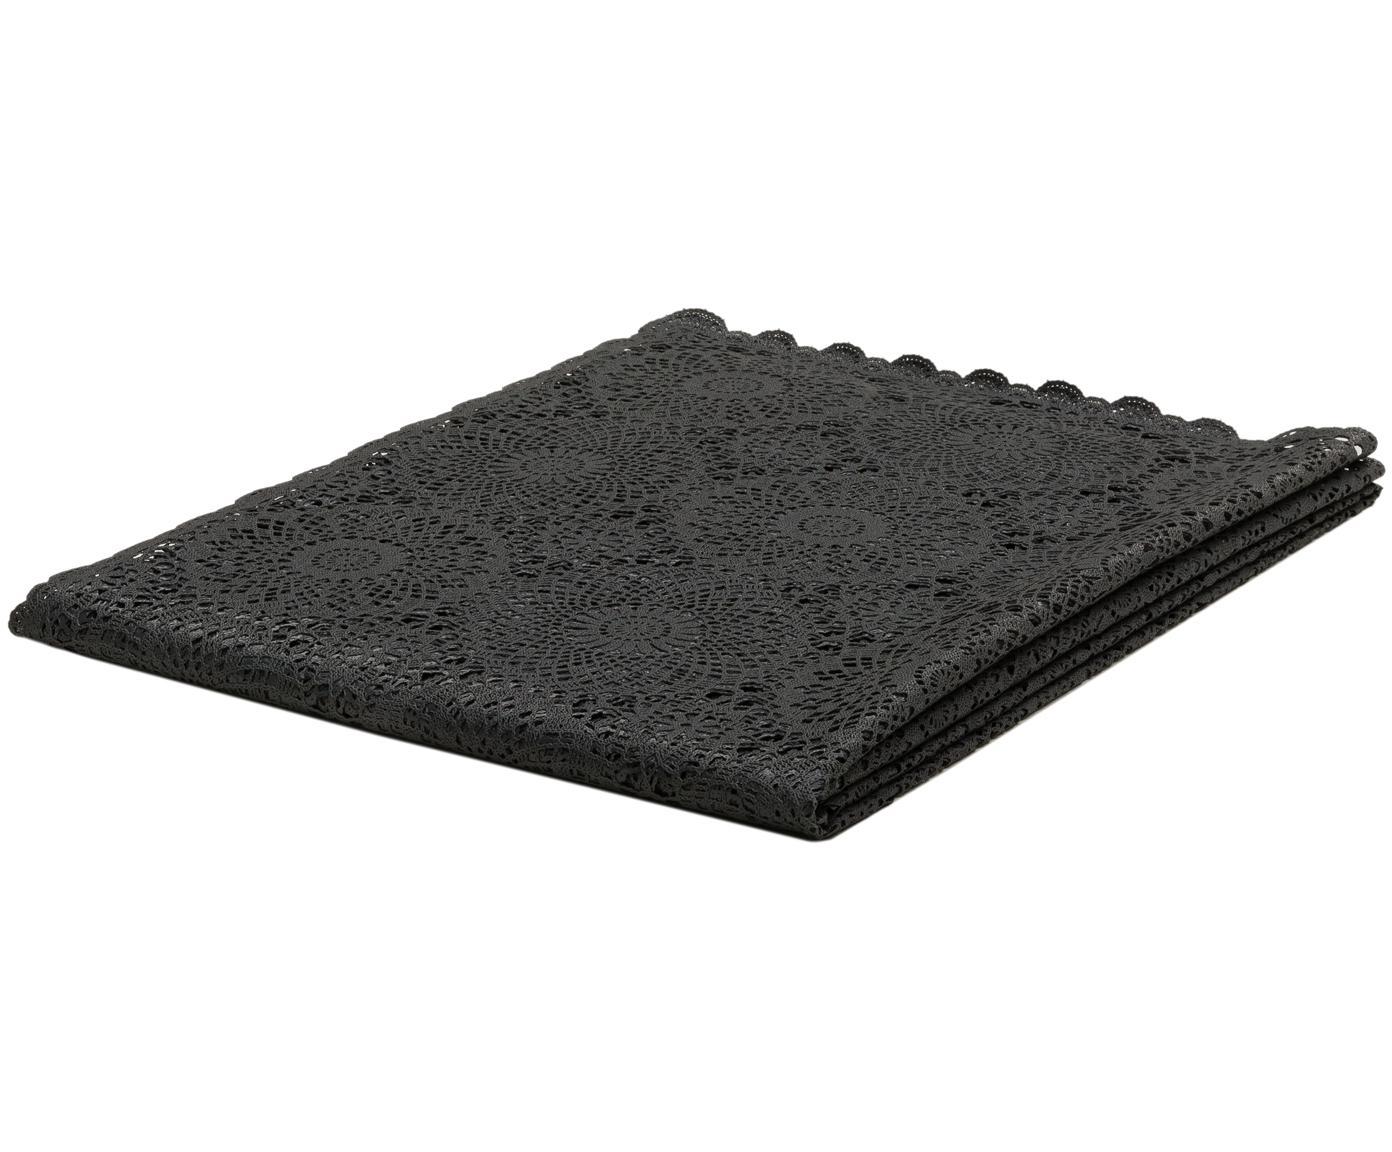 Obrus z tworzywa sztucznego Crochet, Tworzywo sztuczne (PVC), Czarny, Dla 4-6 osób (S 137 x D 180 cm)